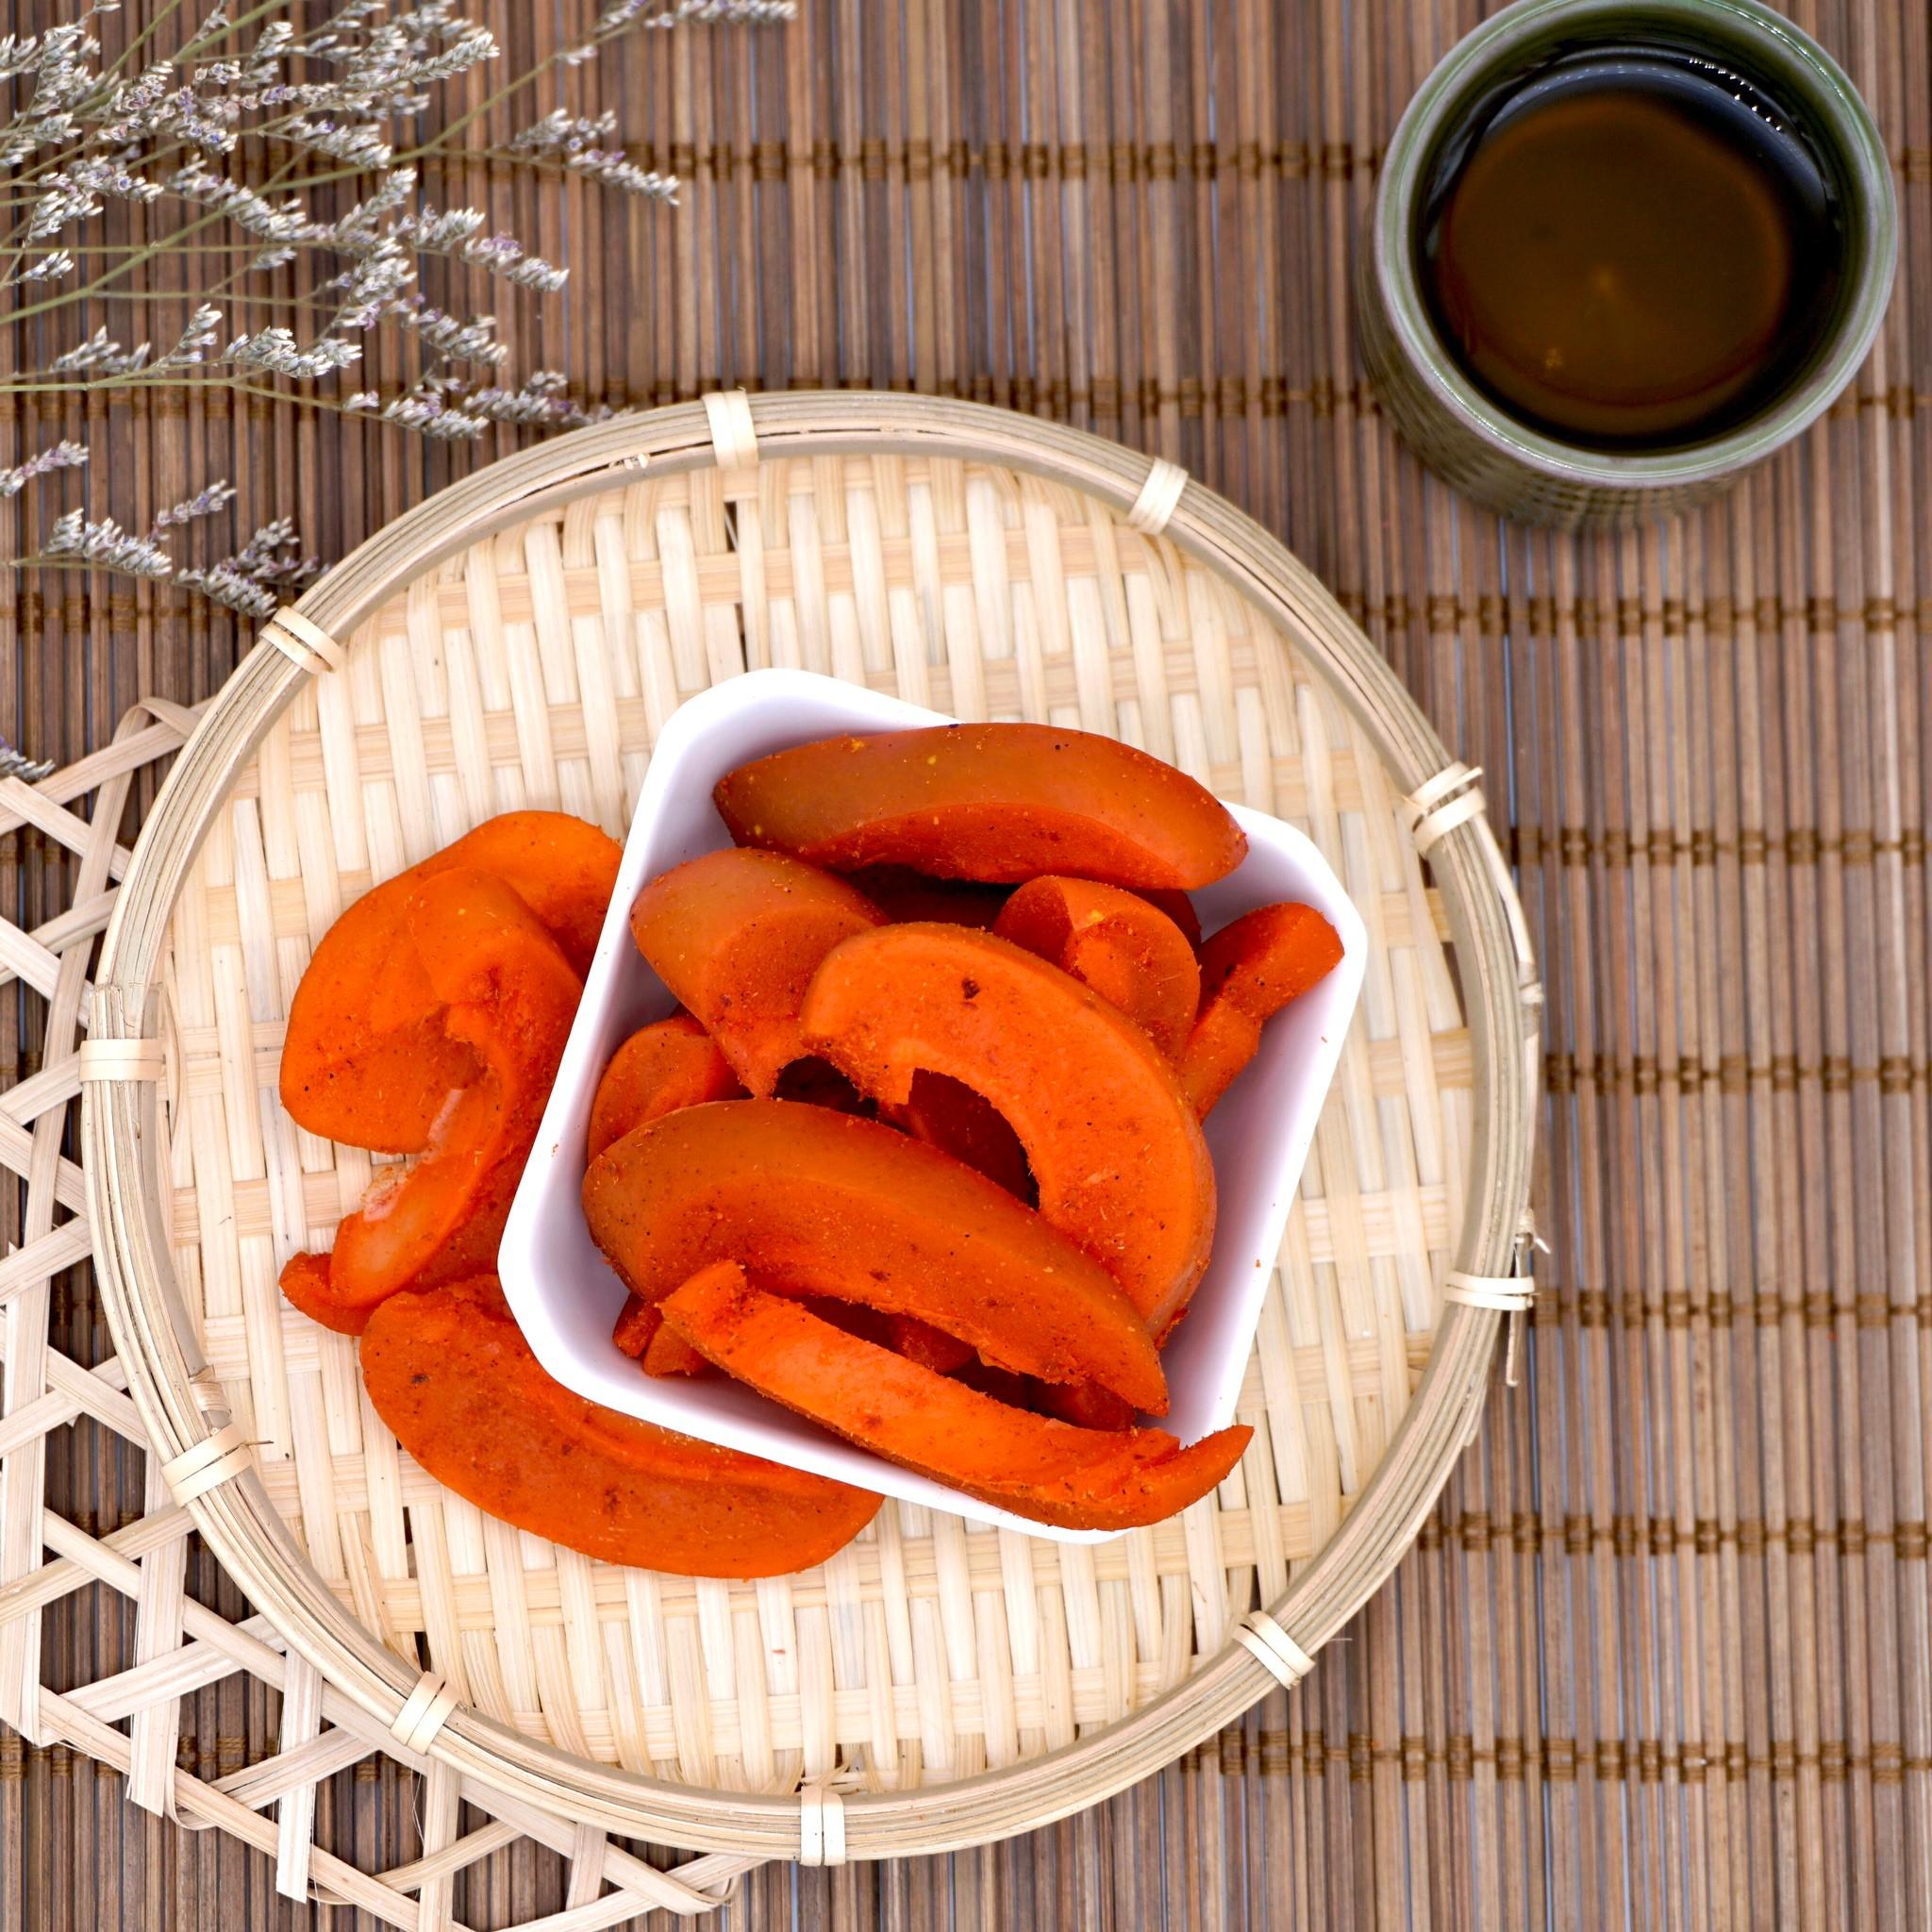 嘴甜甜 辣芒果 200公克 蜜餞系列 蜜餞 紅芒果 芒果 果乾 古早味 酸甘甜 台灣蜜餞 蜜餞 零食 鹹酸甜 素食 現貨